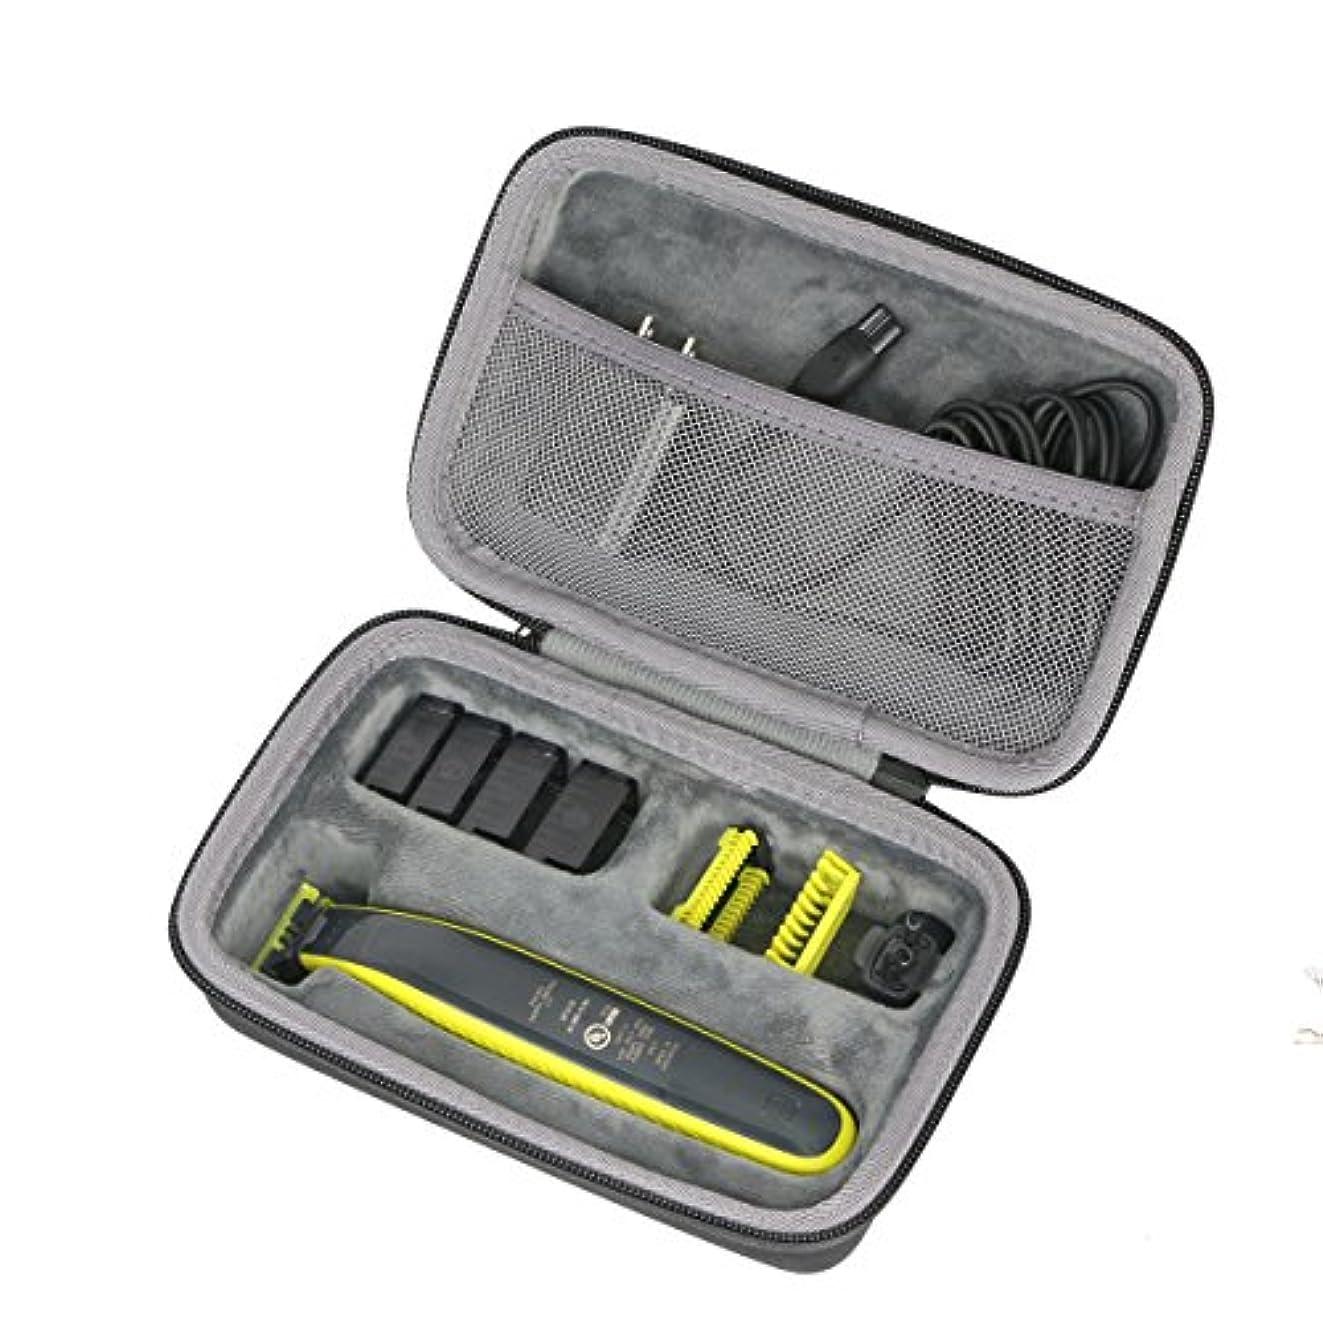 連帯雄弁バクテリアPhilips Norelco OneBlade Hybrid Rechargeable Trimmer QP2630/70ノ専用旅行収納 デザインノco2CREA バッグ